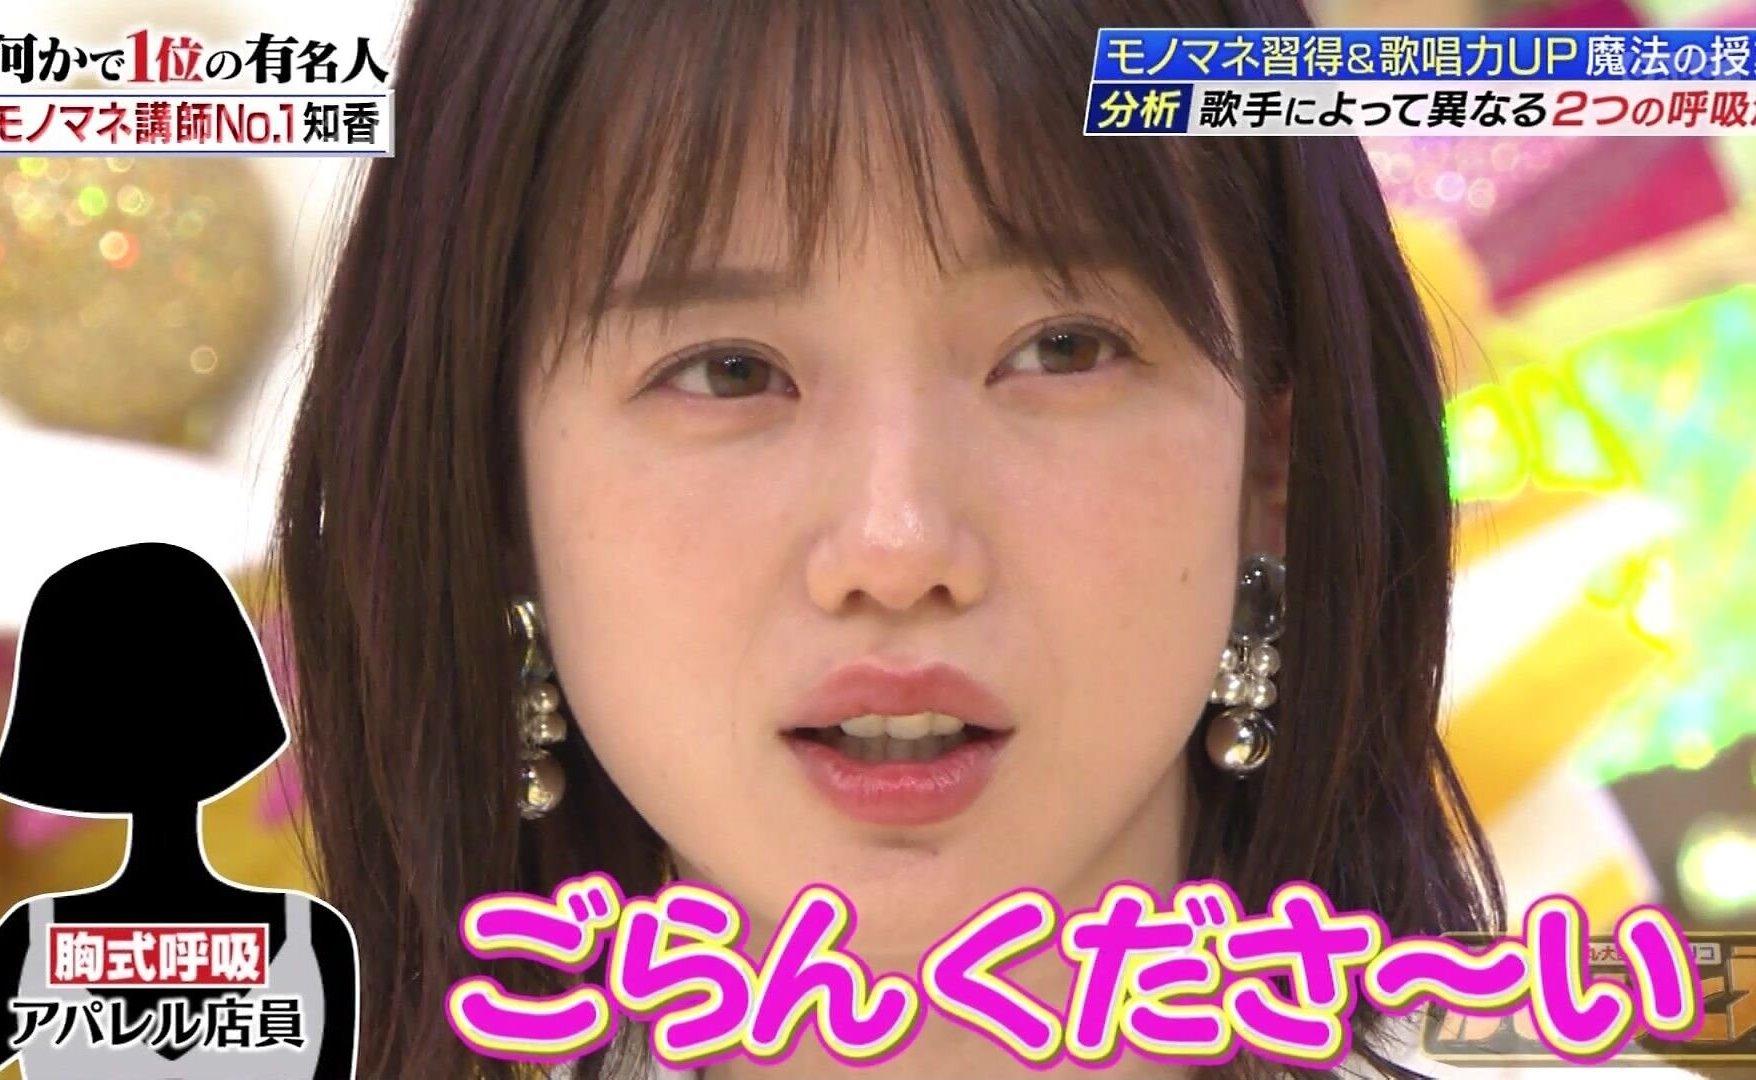 弘中綾香の変顔&舌出し (5)